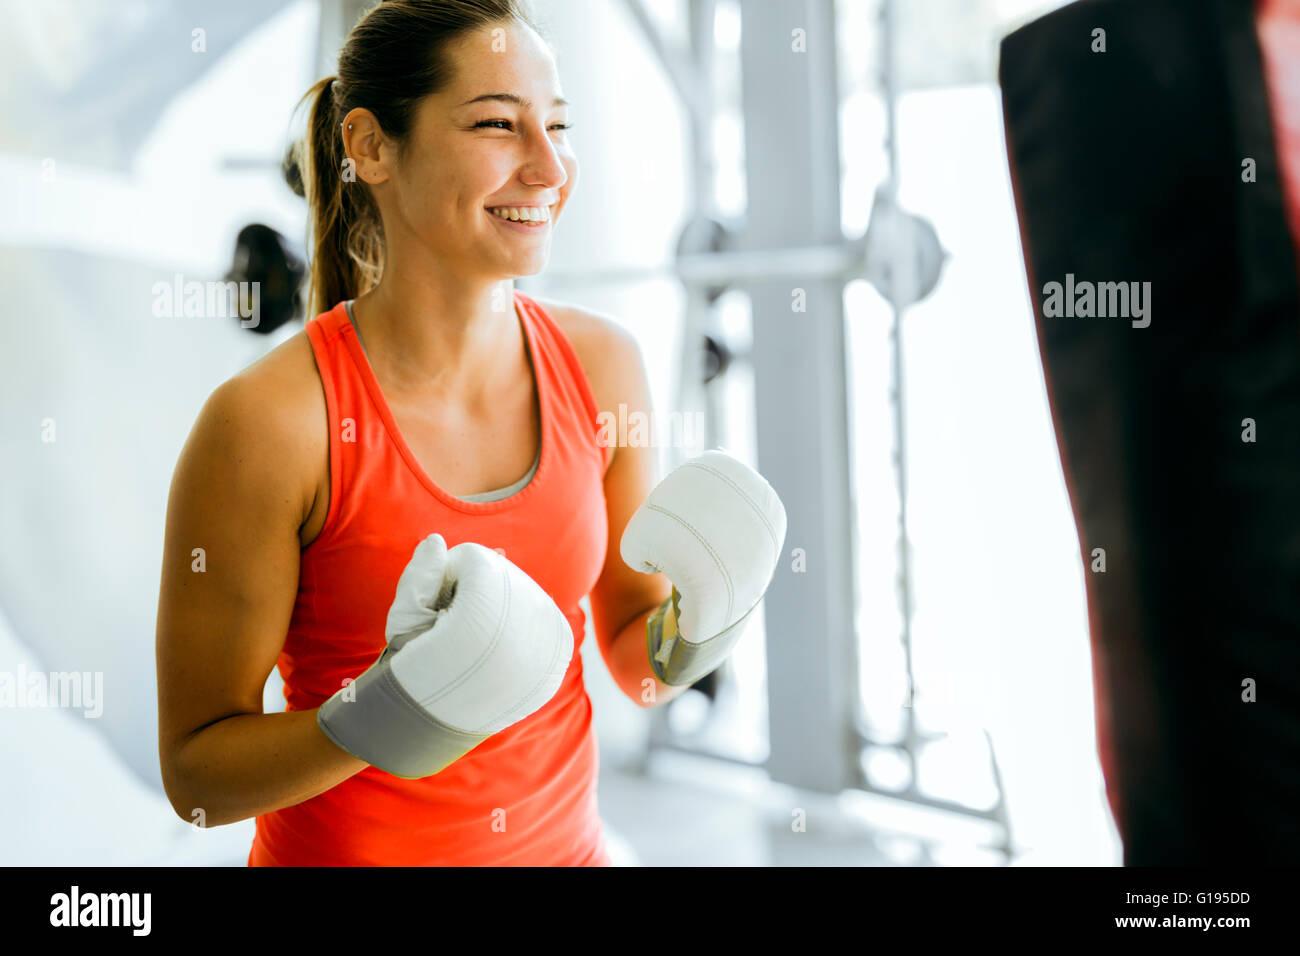 Giovane donna boxing e della formazione in una palestra Immagini Stock